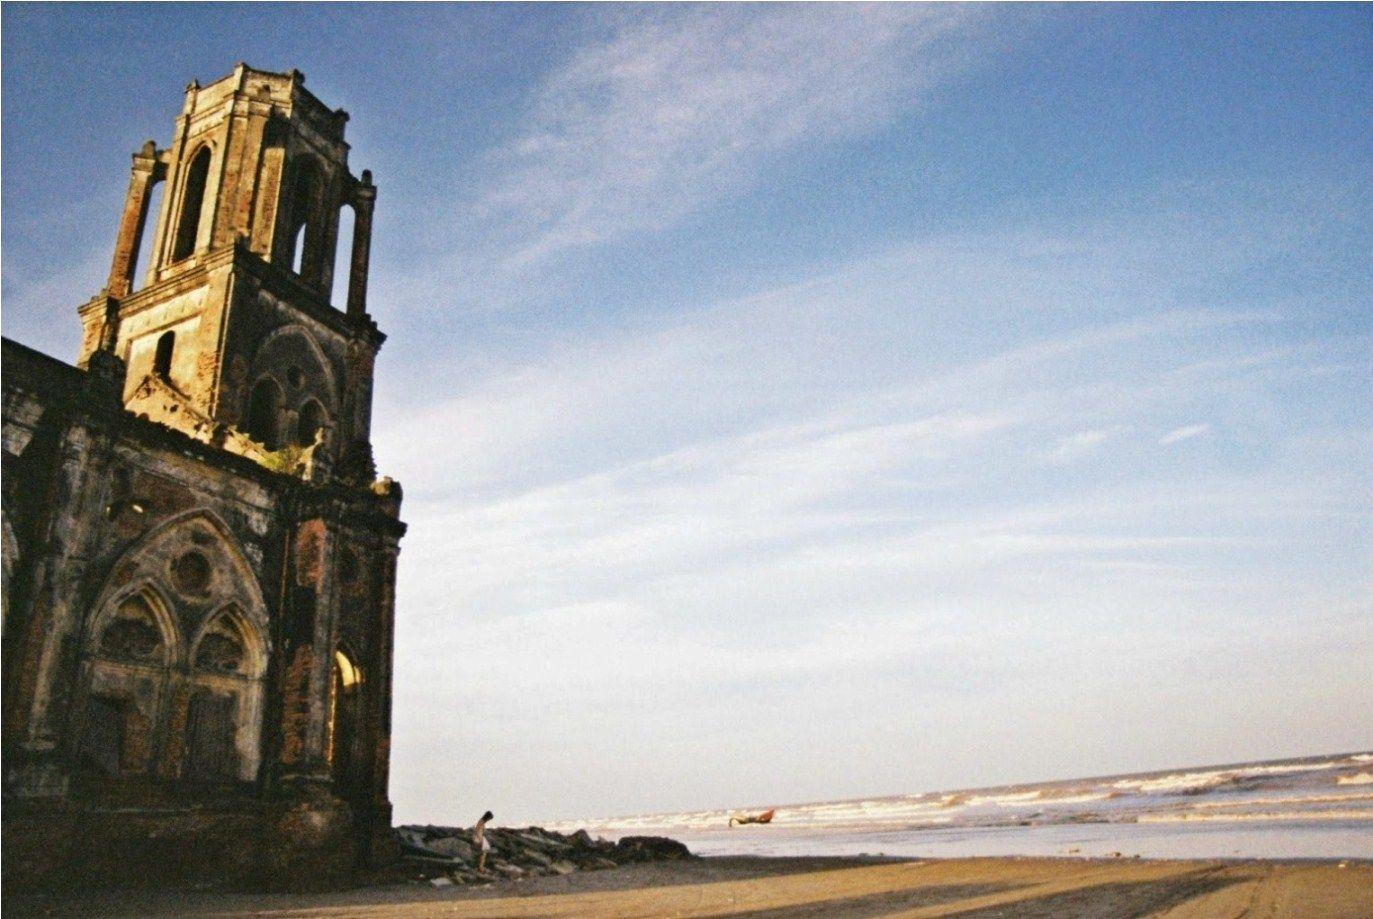 Nhà thờ Trái Tim nay đã bị bỏ hoang - Ảnh: Trần Hồng Quân